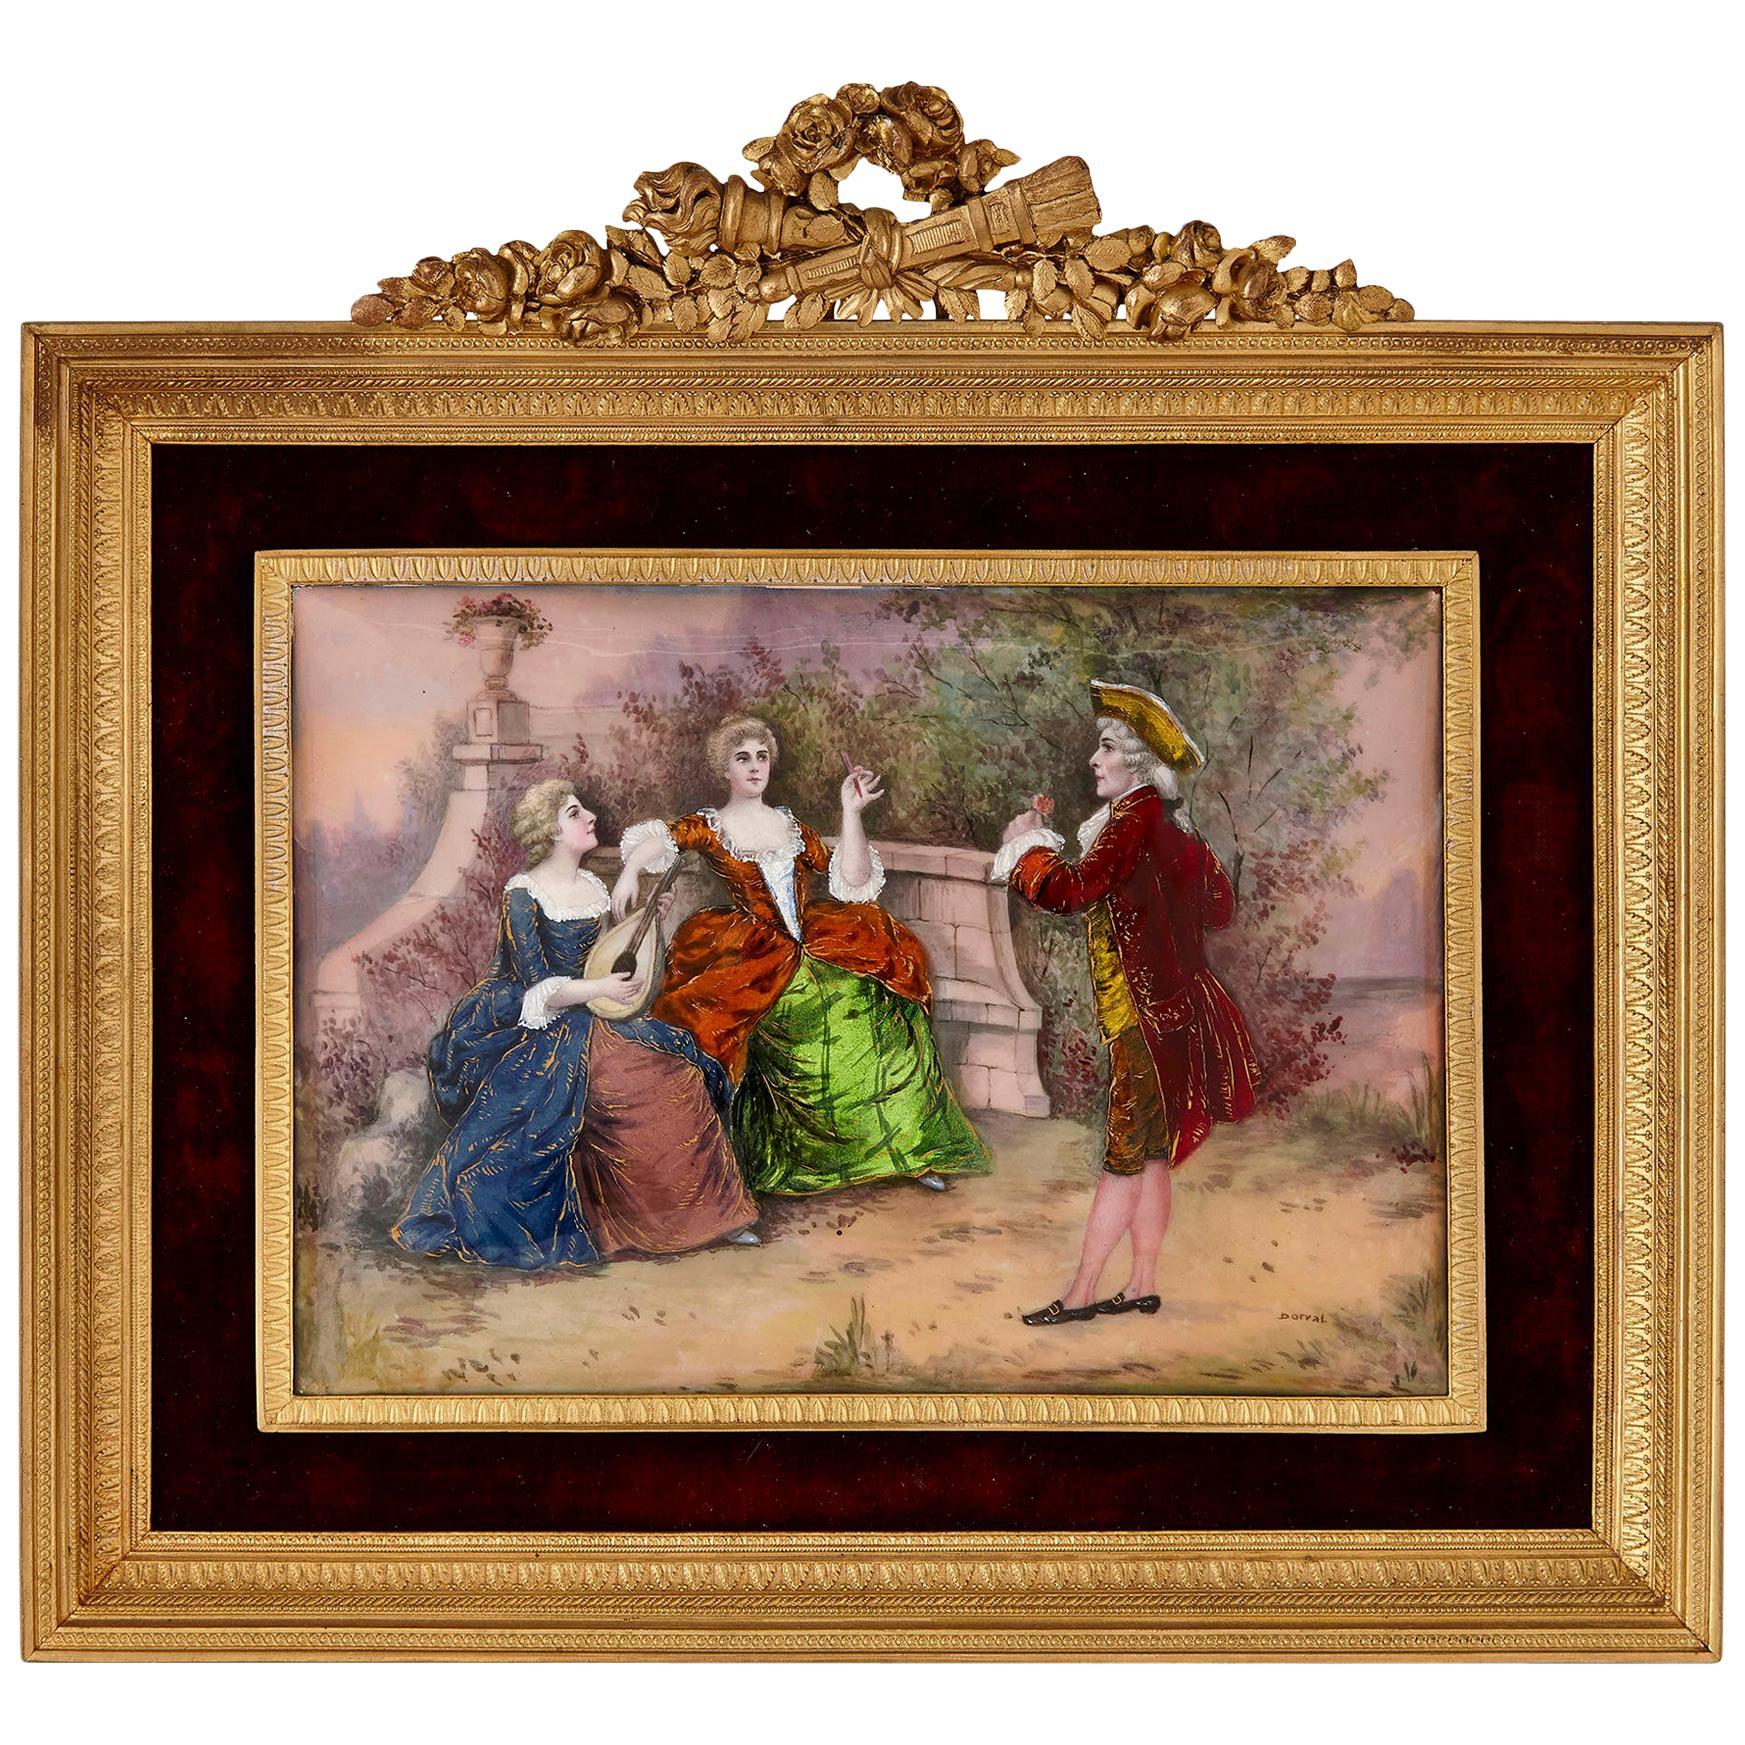 Antique Limoges Enamel Plaque of a Fête Galante